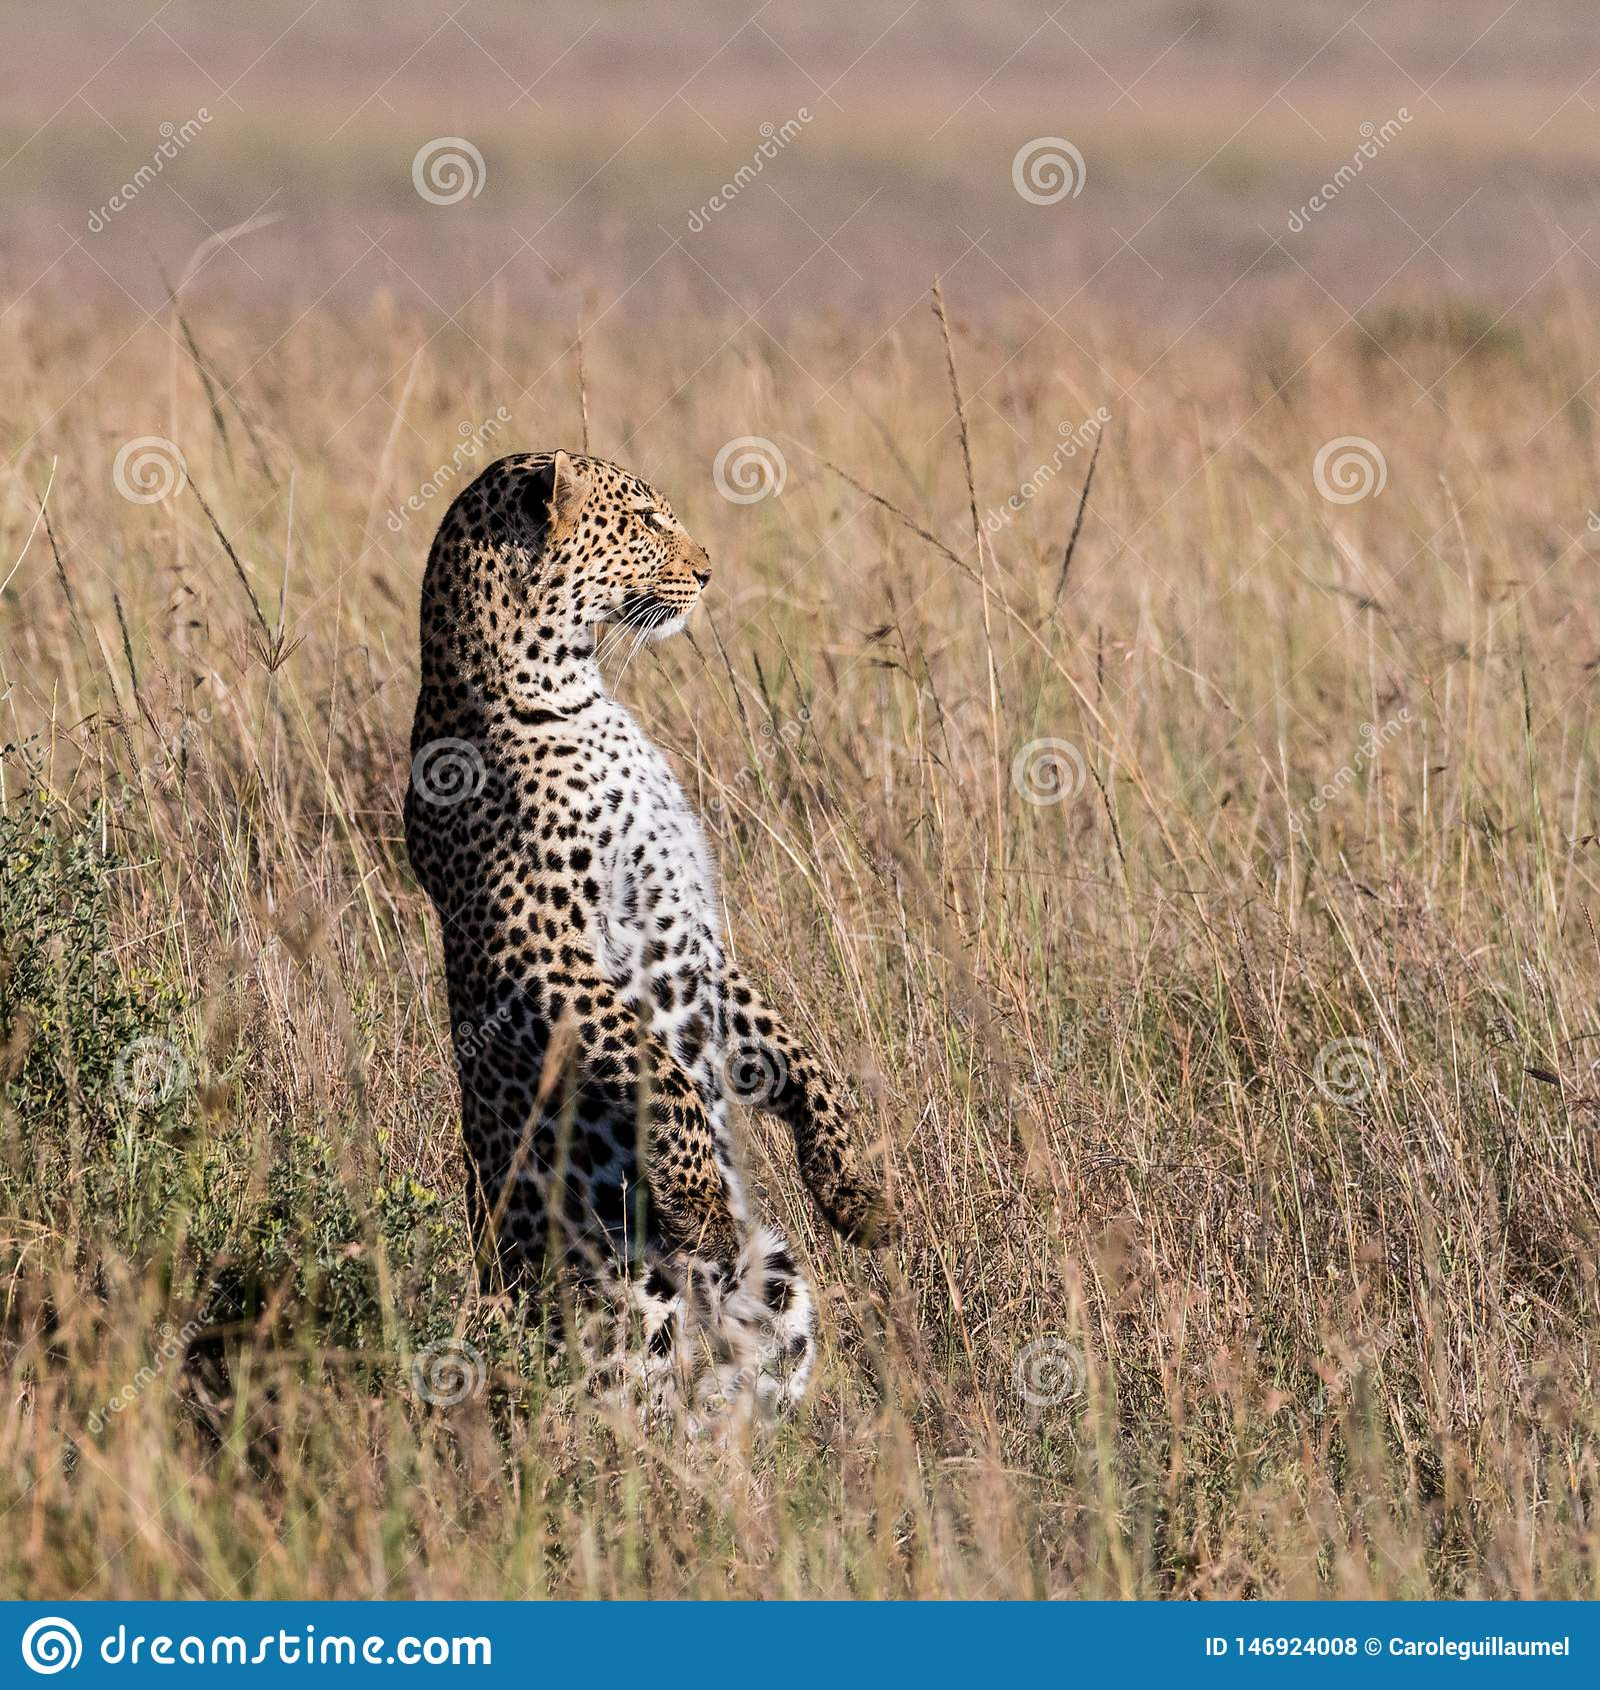 Положение леопарда на своих задних ногах для того чтобы просмотреть горизонт